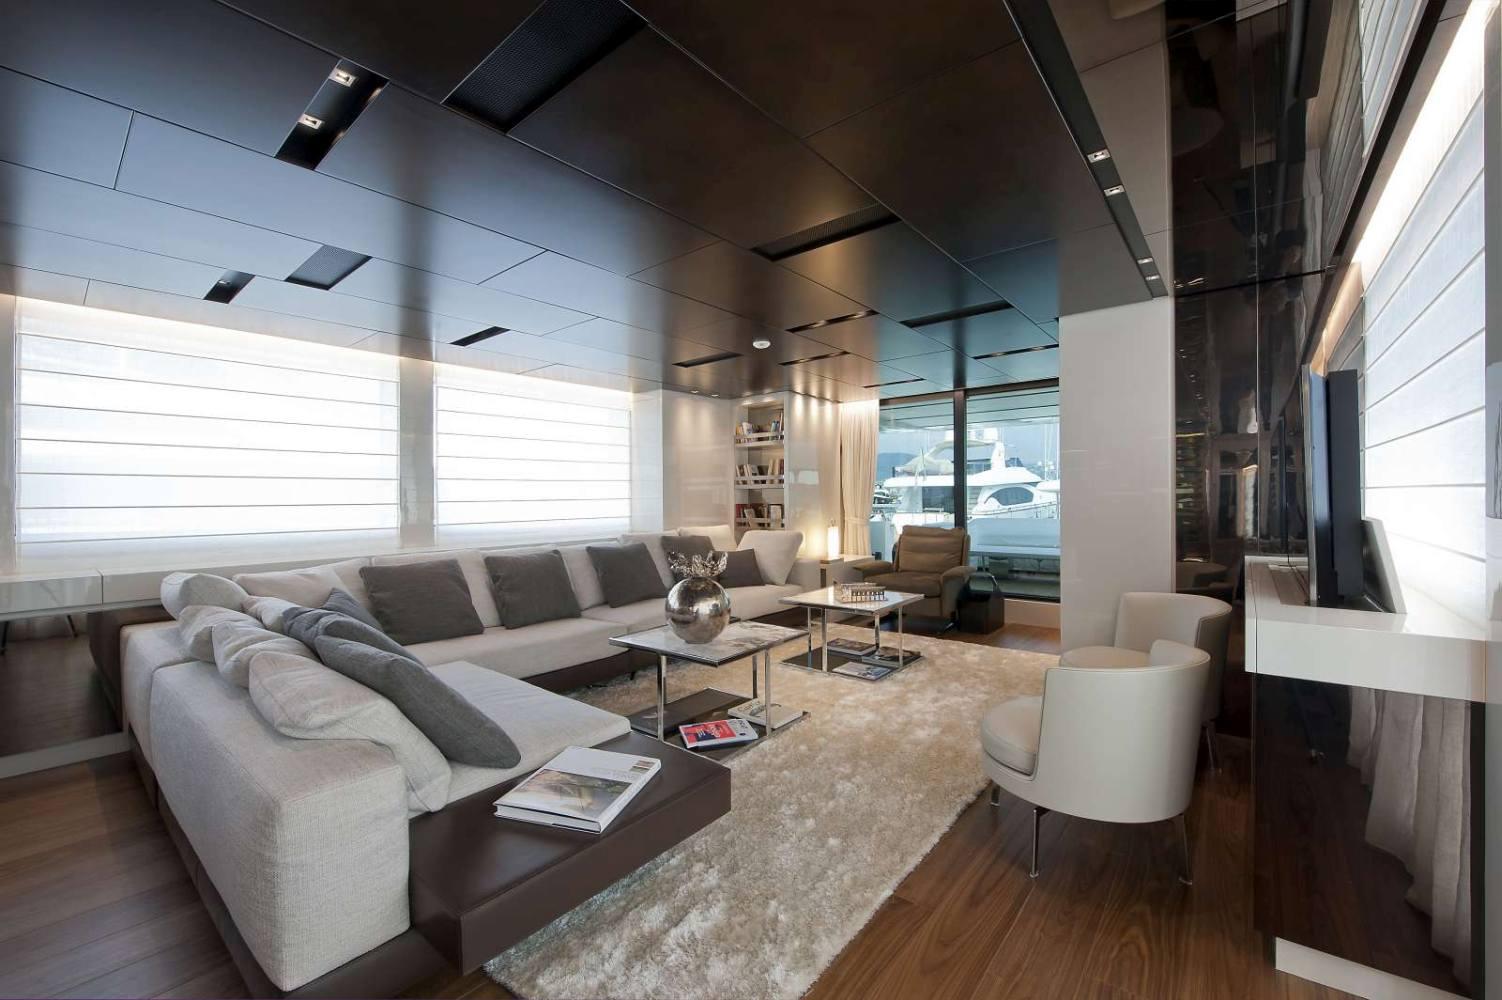 Arredamento su misura per yachts la permanente mobili cantù yachts